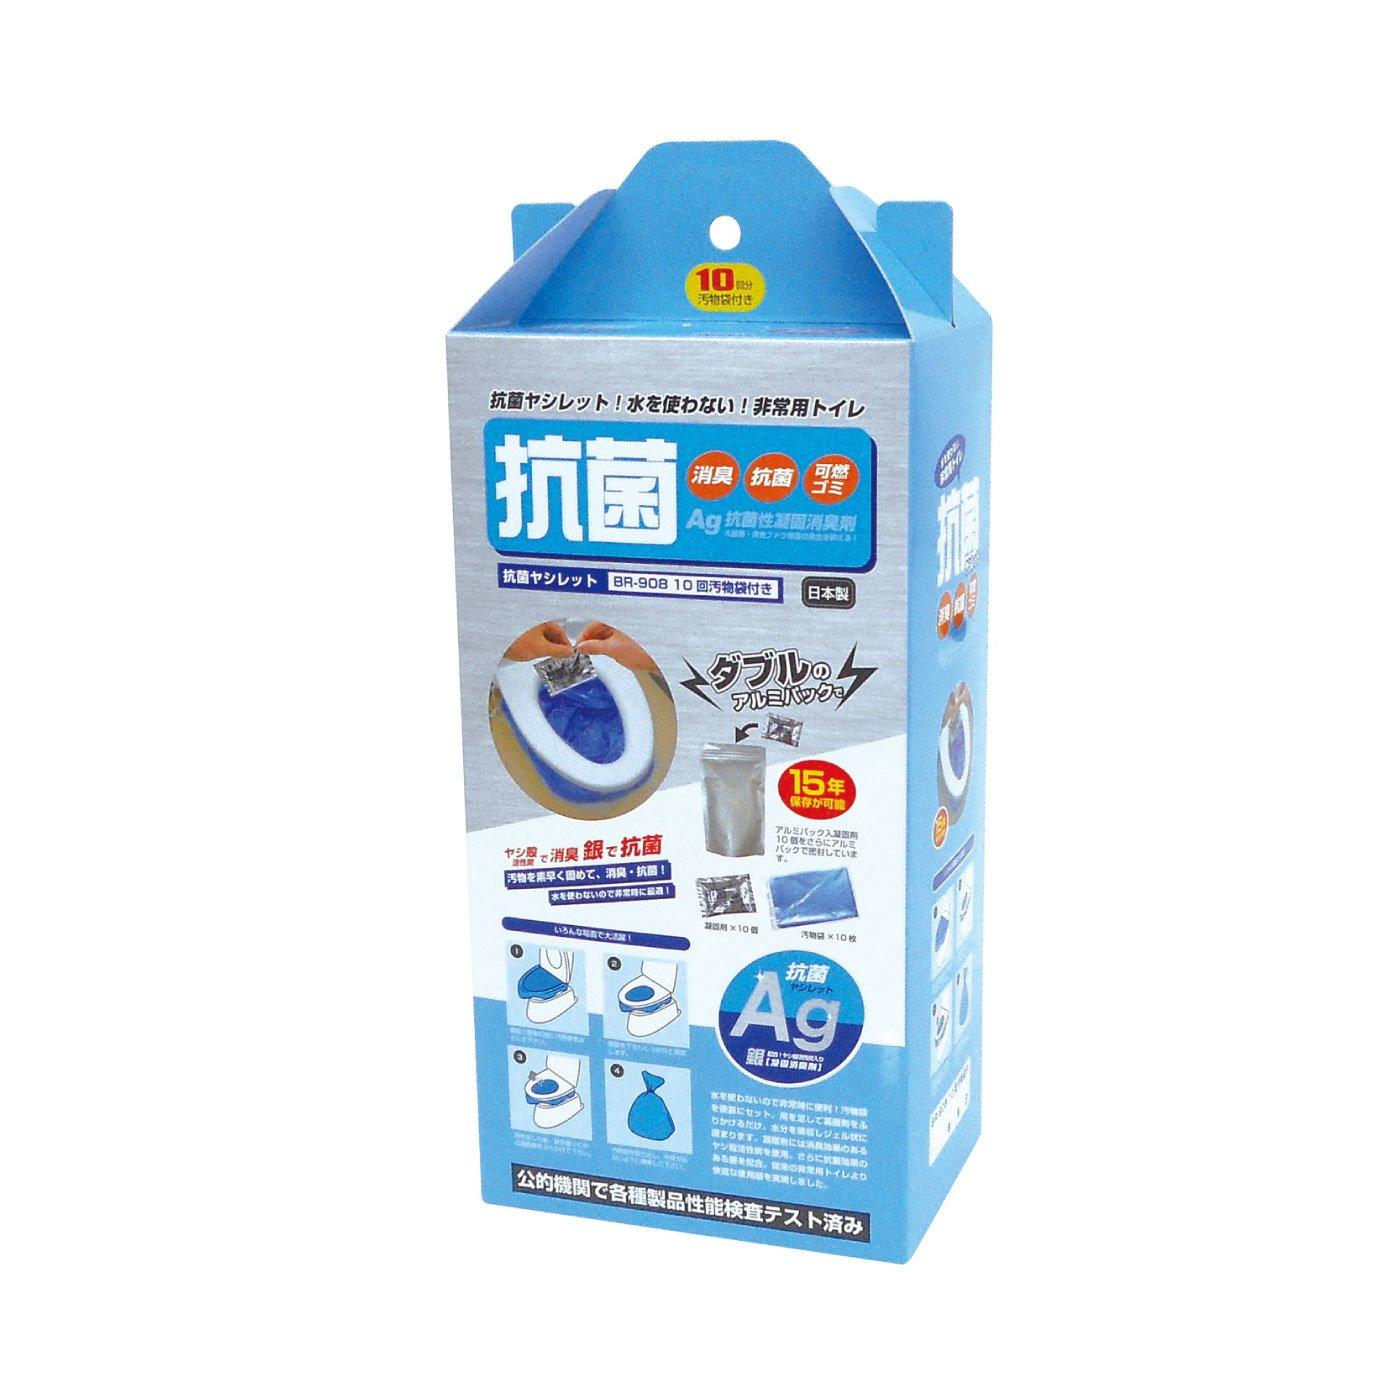 【15年保存】トイレにかぶせて使う抗菌非常用トイレ凝固剤10個